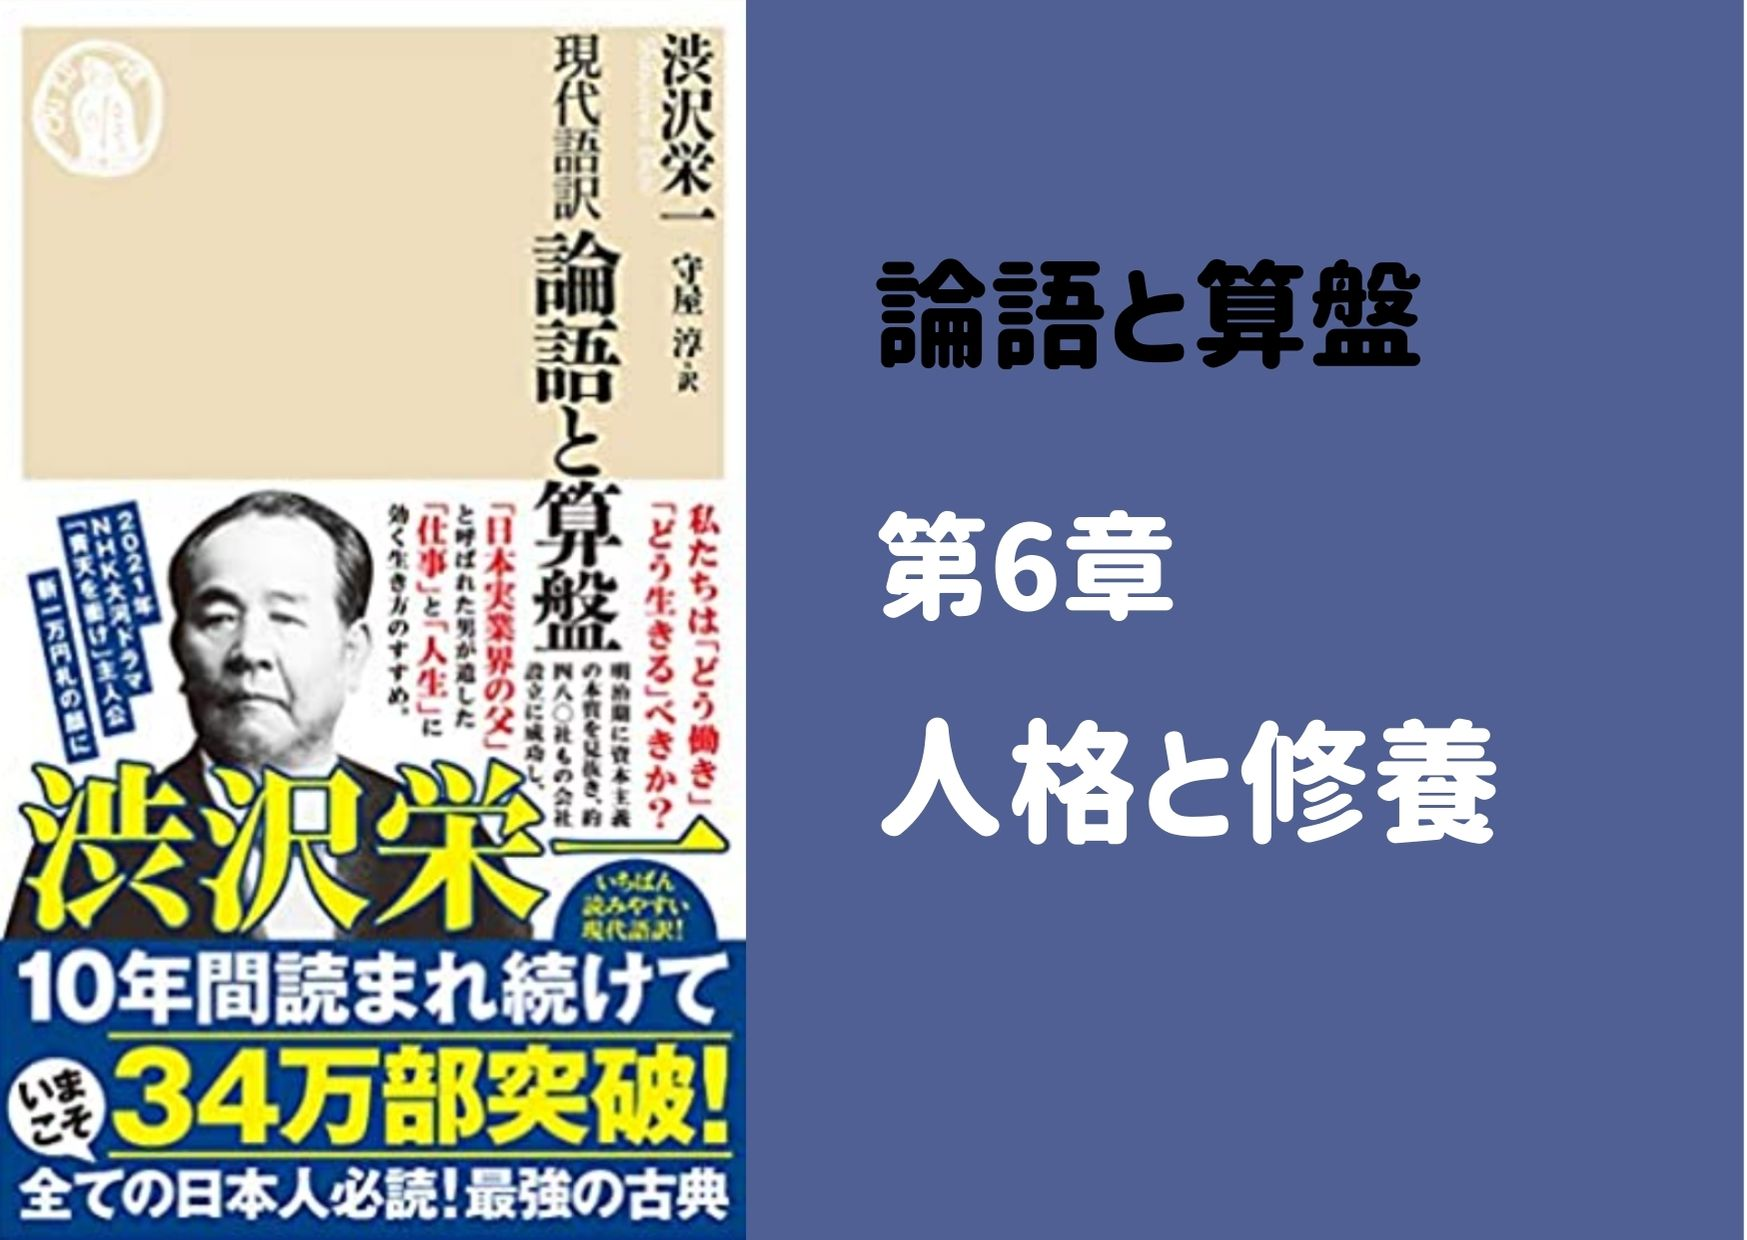 渋沢栄一『現代語訳:論語と算盤』第6章「人格と修養」の要約まとめ